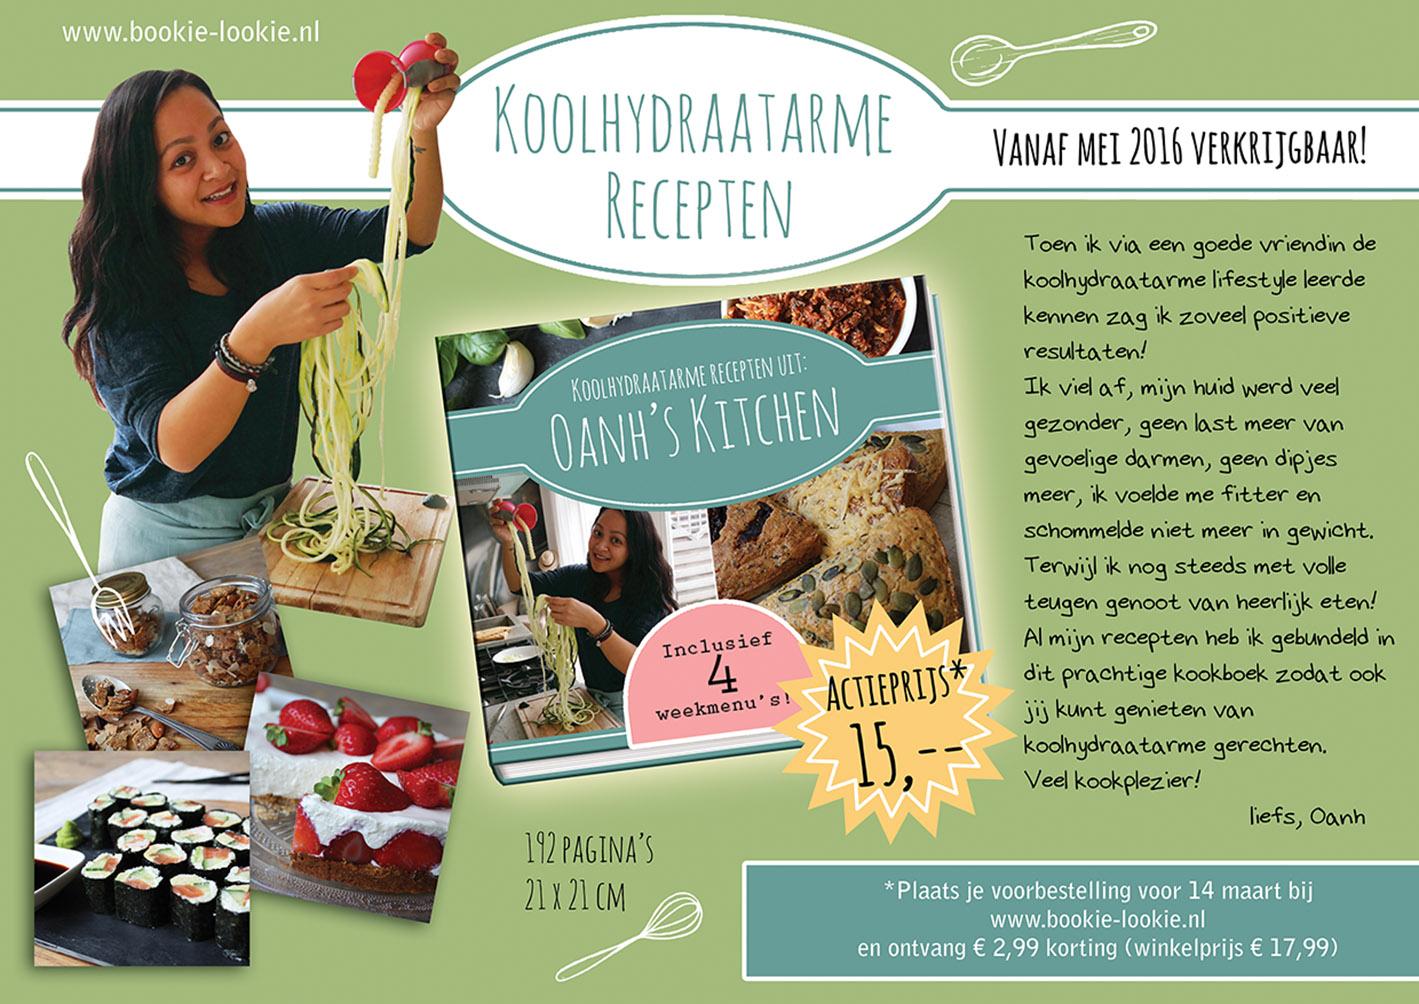 Kookboek: Koolhydraatarme recepten uit Oanh's kitchen vanaf nu voor te bestellen!!